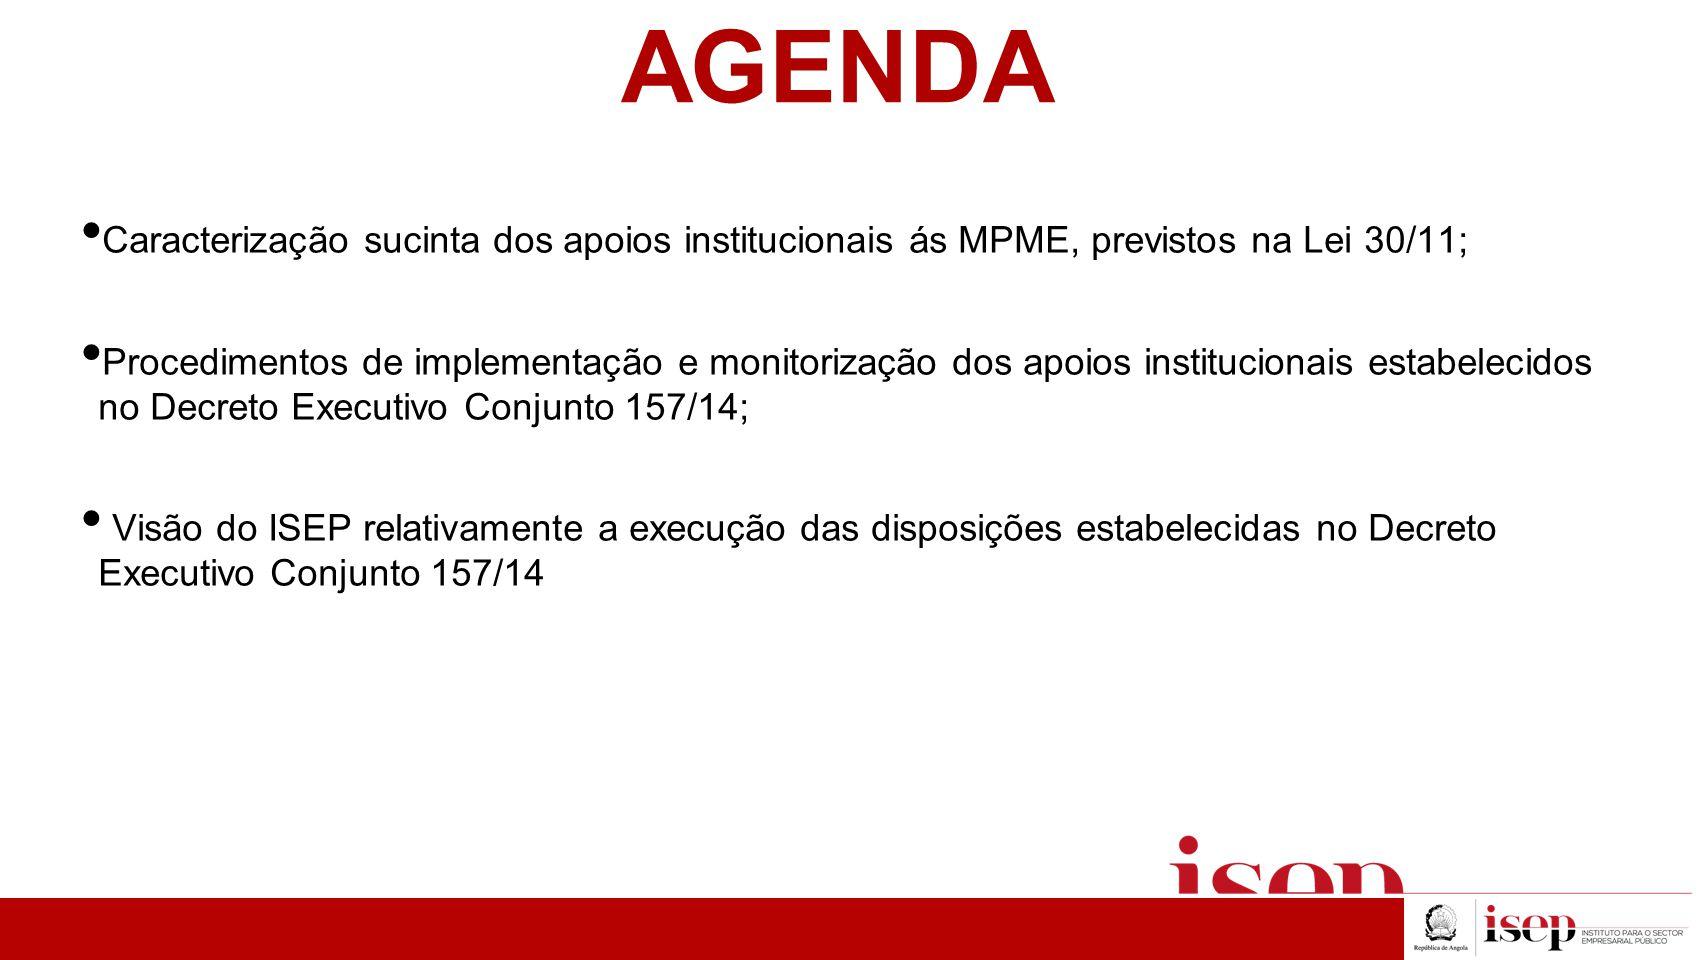 AGENDA Caracterização sucinta dos apoios institucionais ás MPME, previstos na Lei 30/11; Procedimentos de implementação e monitorização dos apoios institucionais estabelecidos no Decreto Executivo Conjunto 157/14; Visão do ISEP relativamente a execução das disposições estabelecidas no Decreto Executivo Conjunto 157/14